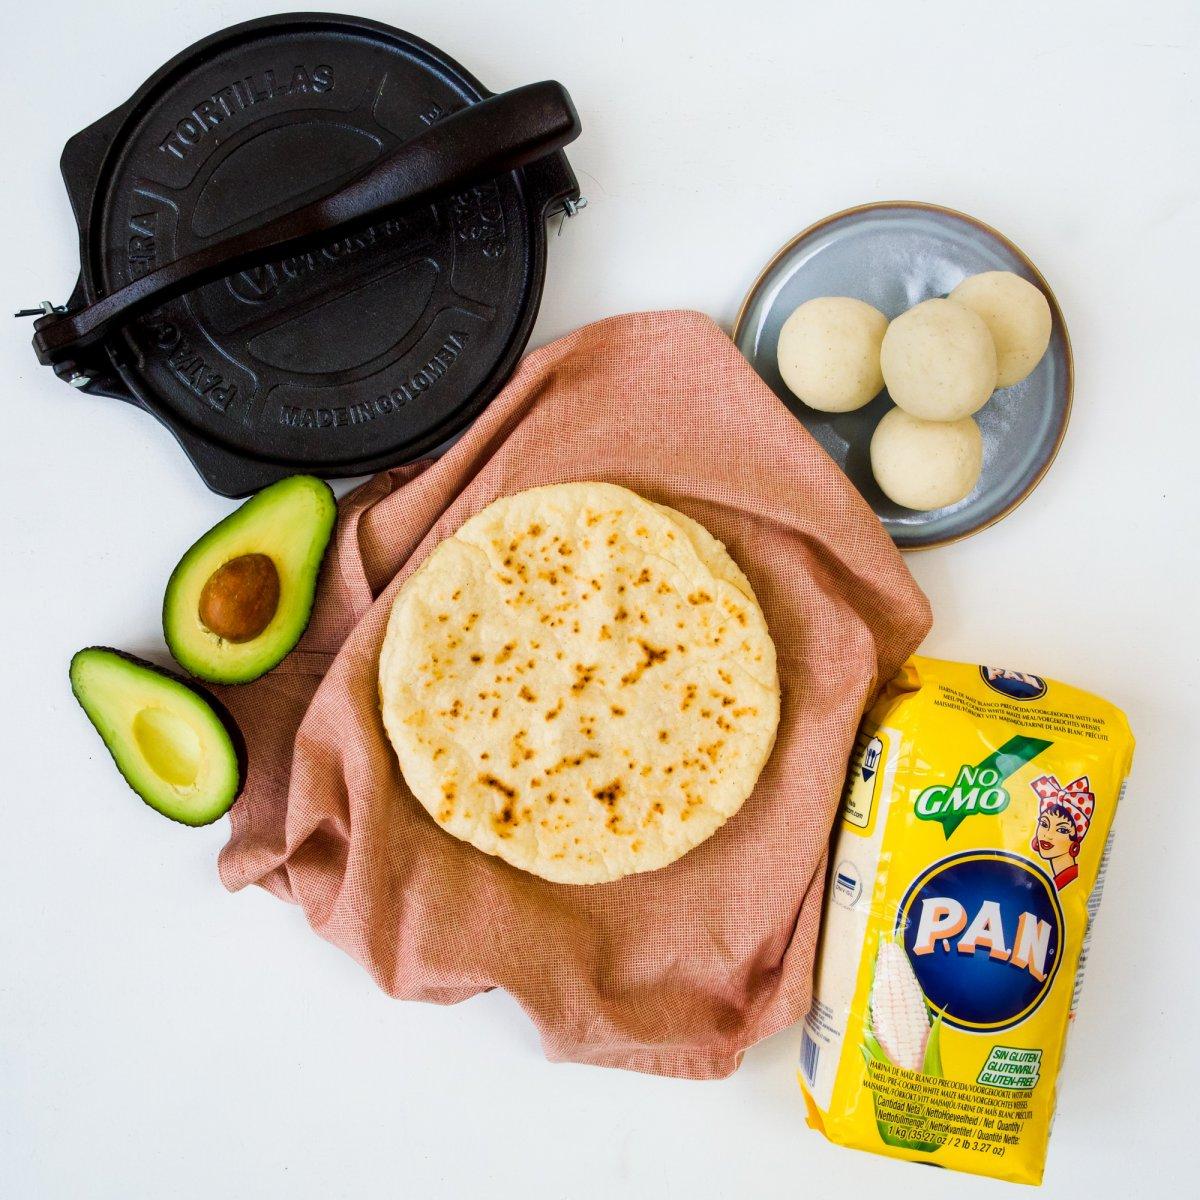 Tortilla's (glutenvrij) met mais meel van P.A.N. en een tortilla pers van Victoria